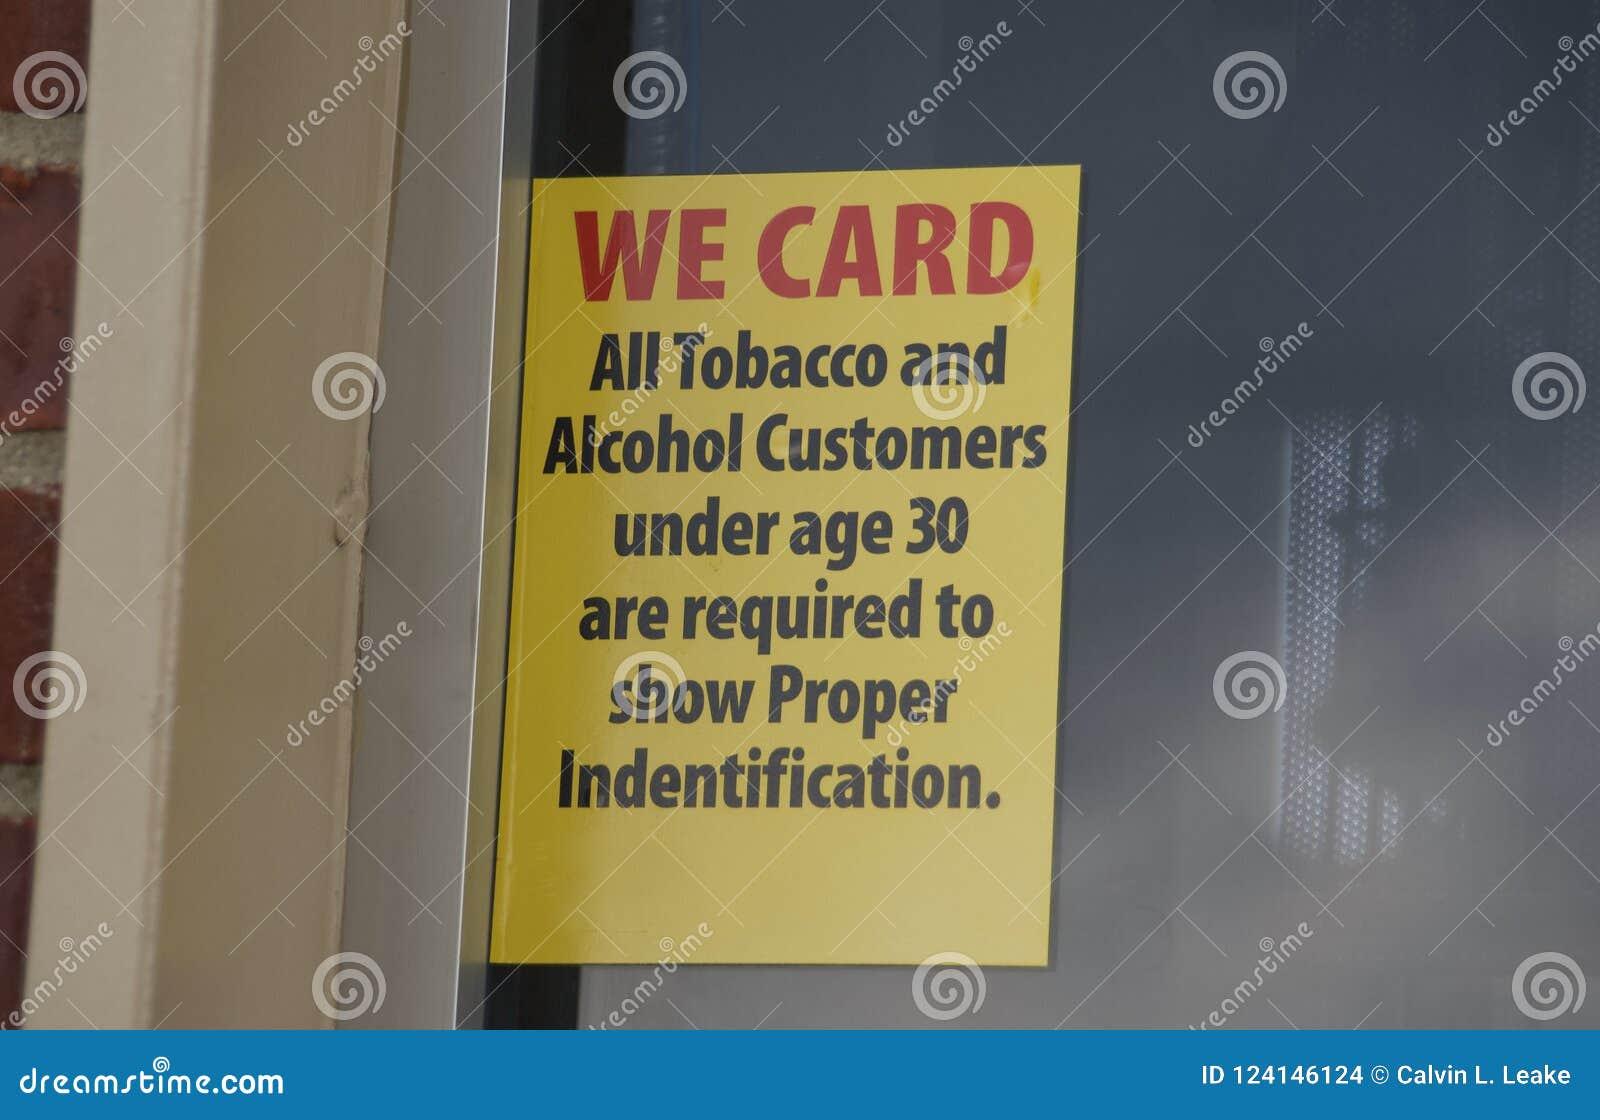 Sign Smoke Warning Photo Drinking 124146124 Underage - Alcohol Stock Image Alcohol Of